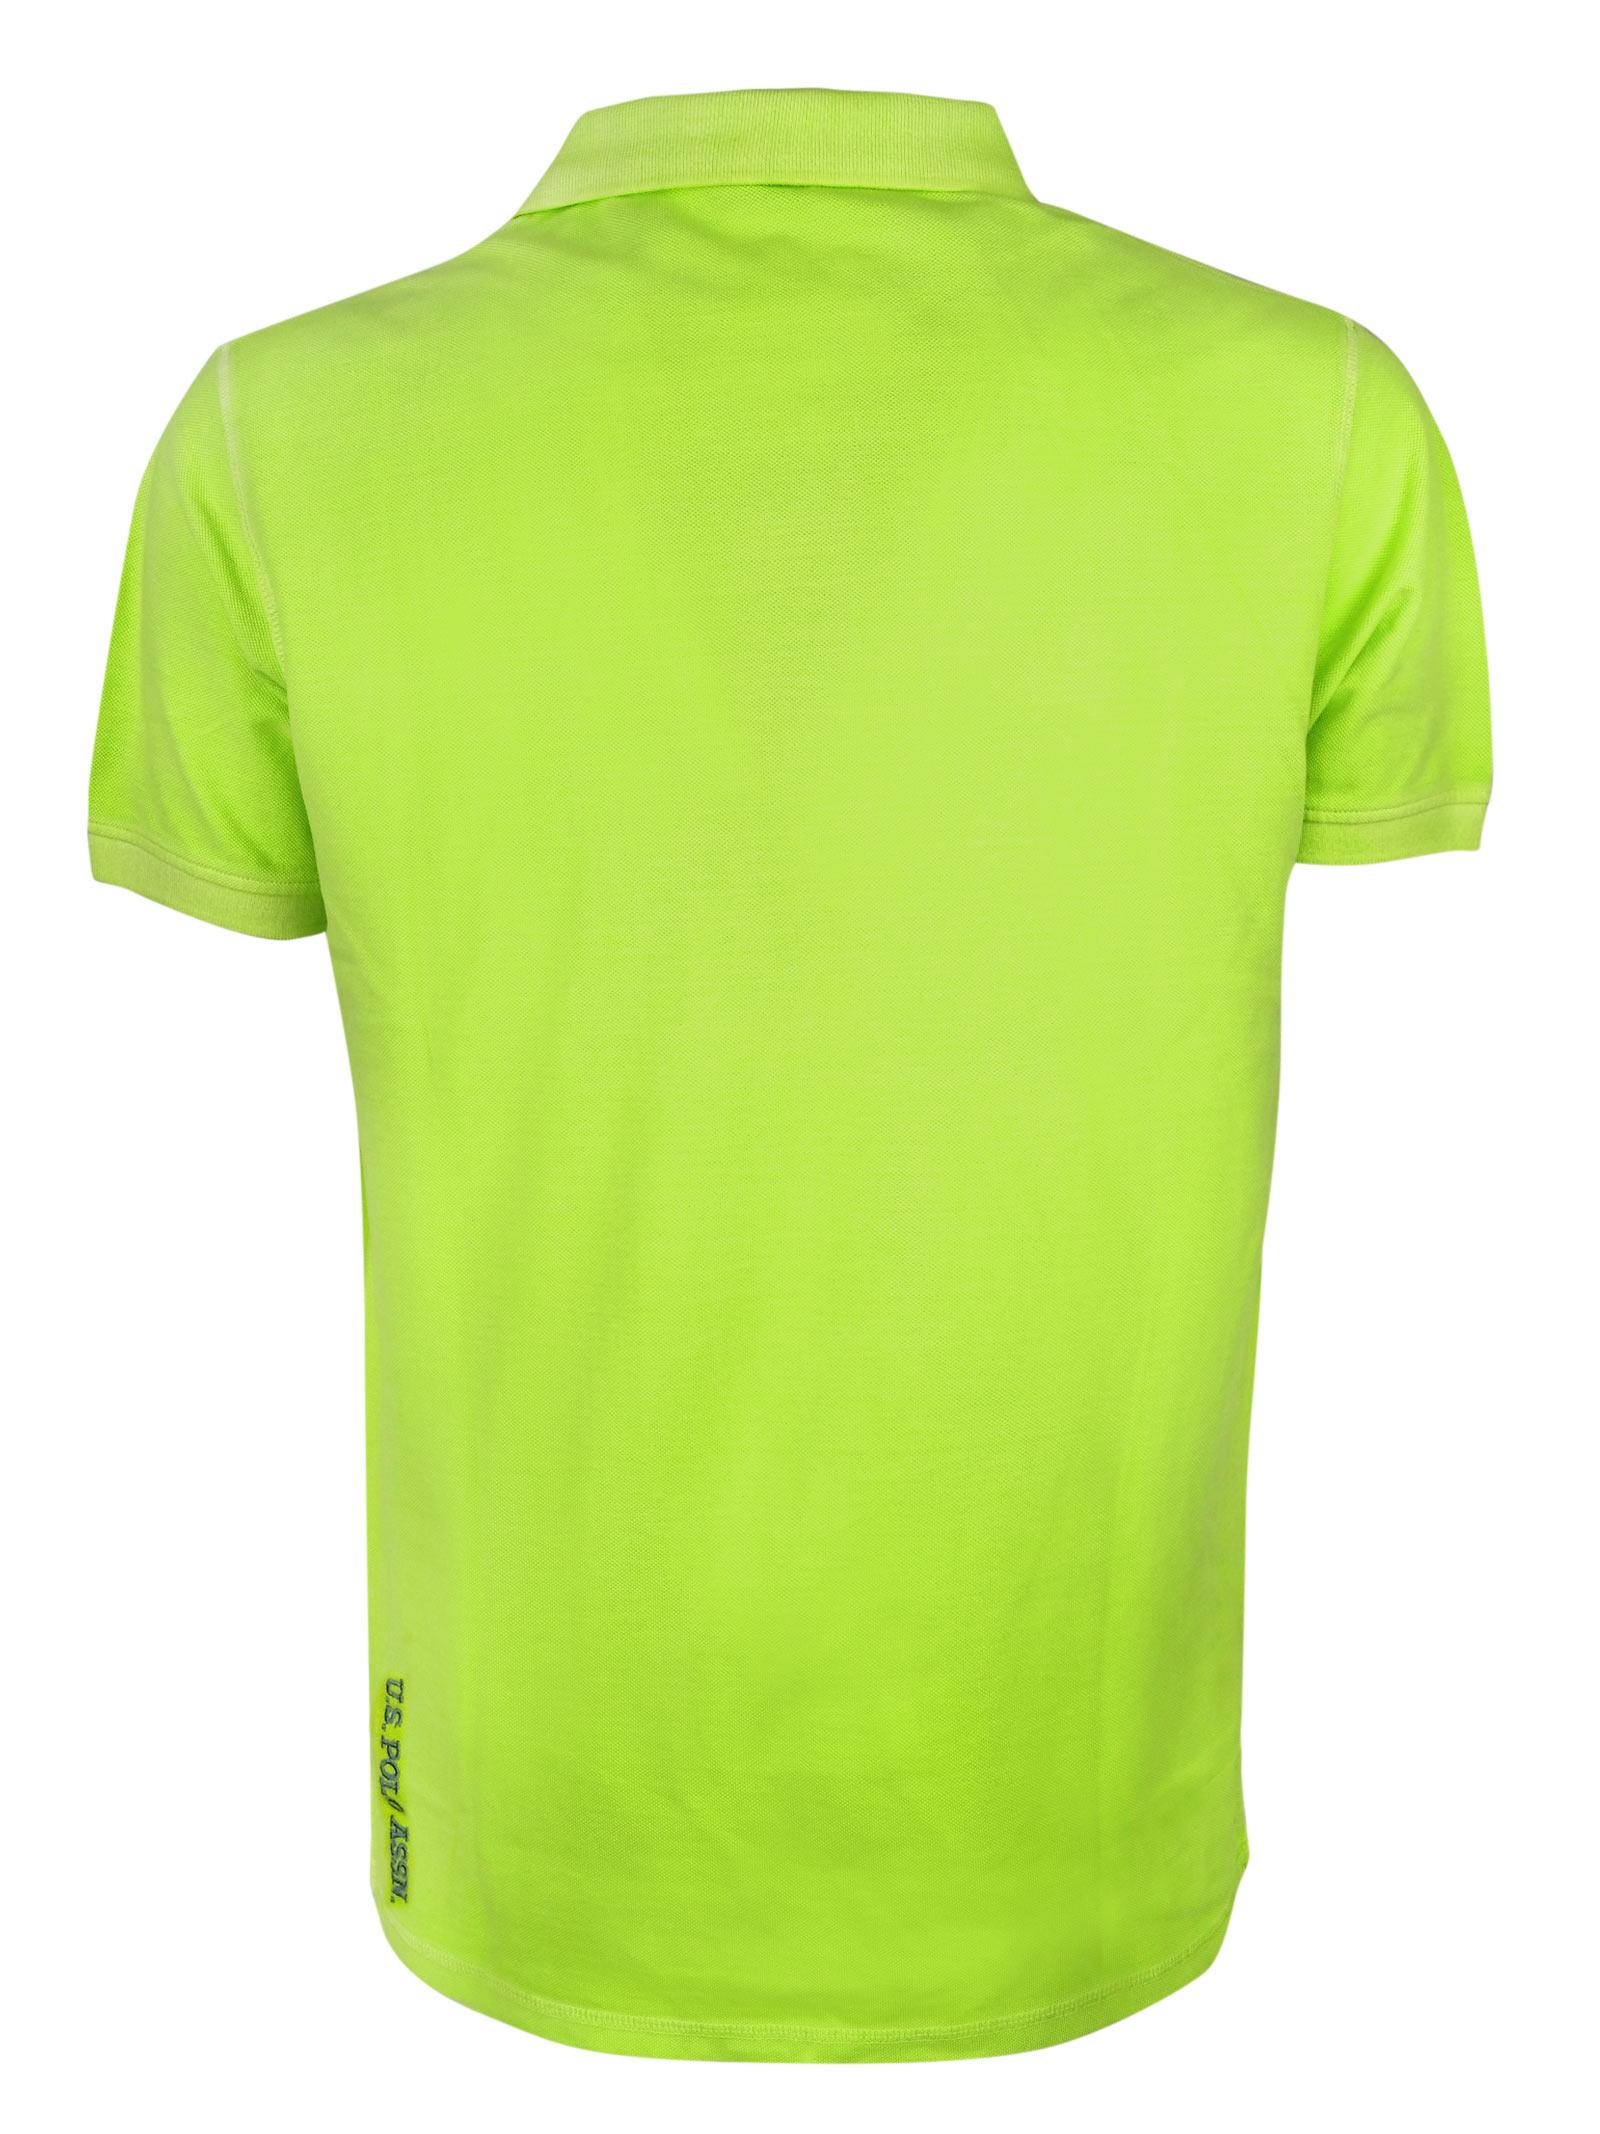 Polo manica corta collo tennis US POLO ASSN.   Polo   197 60129 41029111